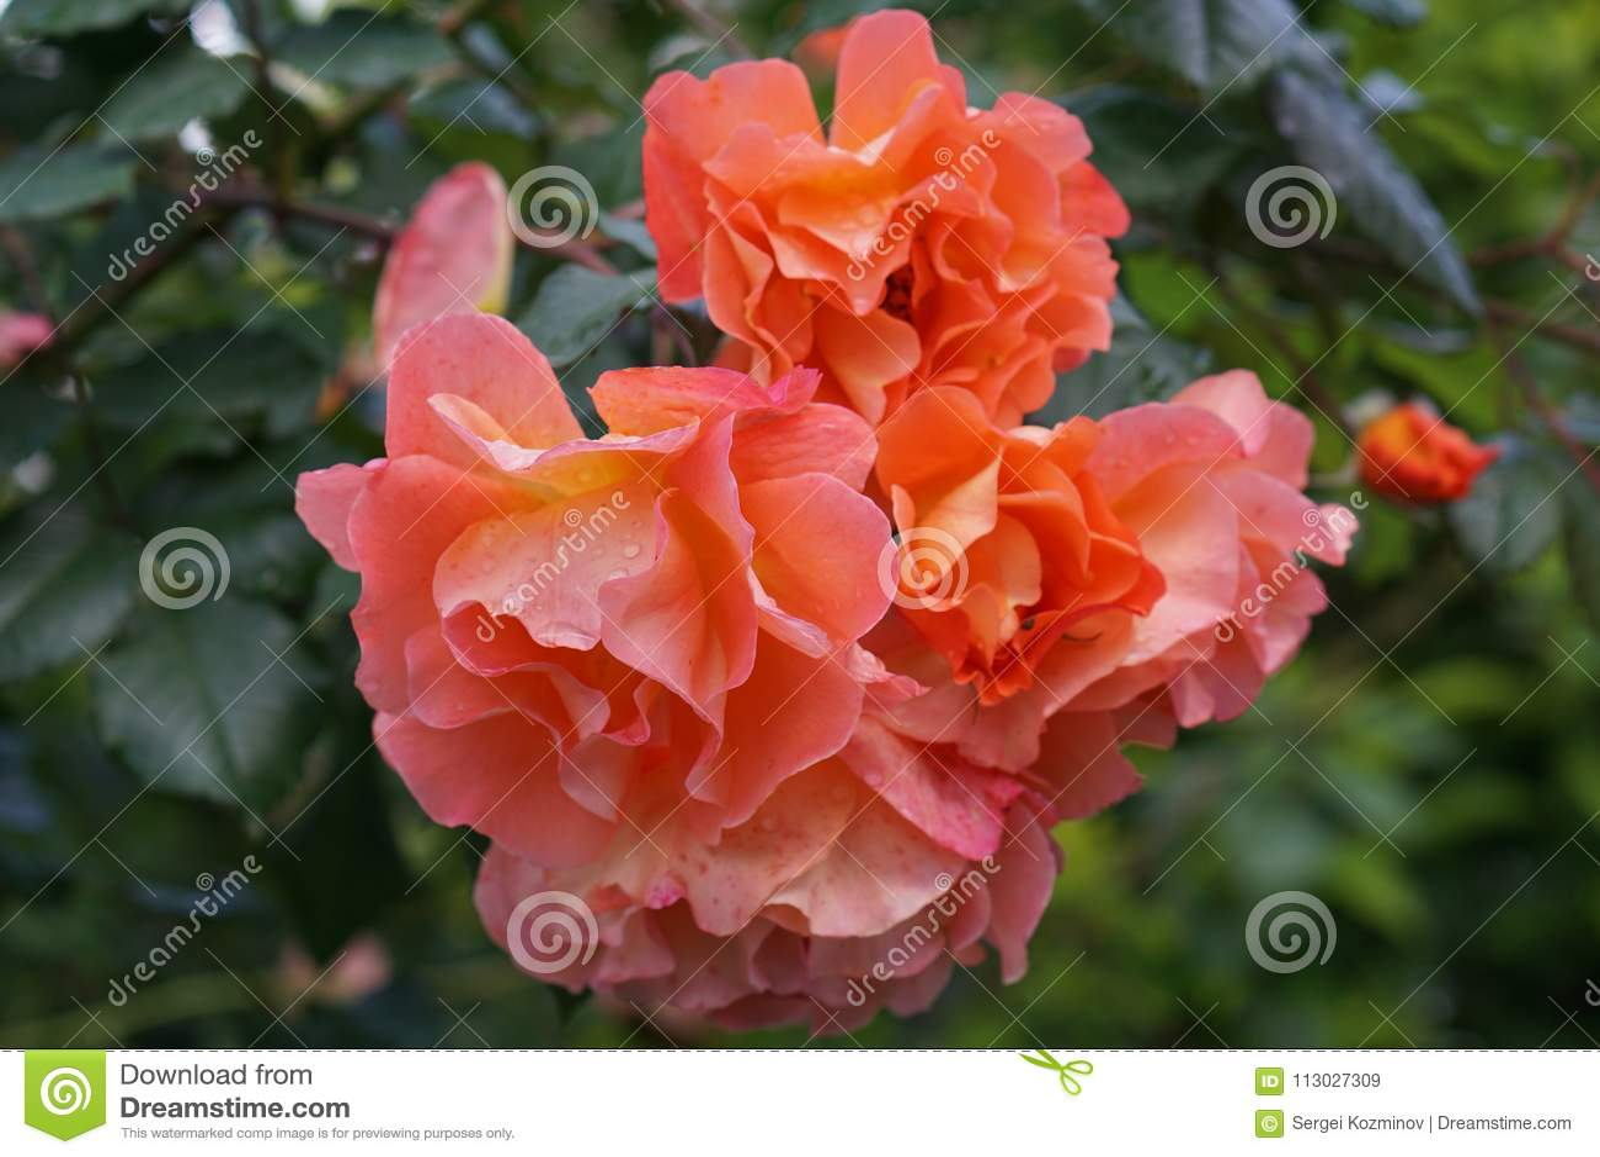 Vista delantera del primer del climbi anaranjado brillante complejo del grado de la flor